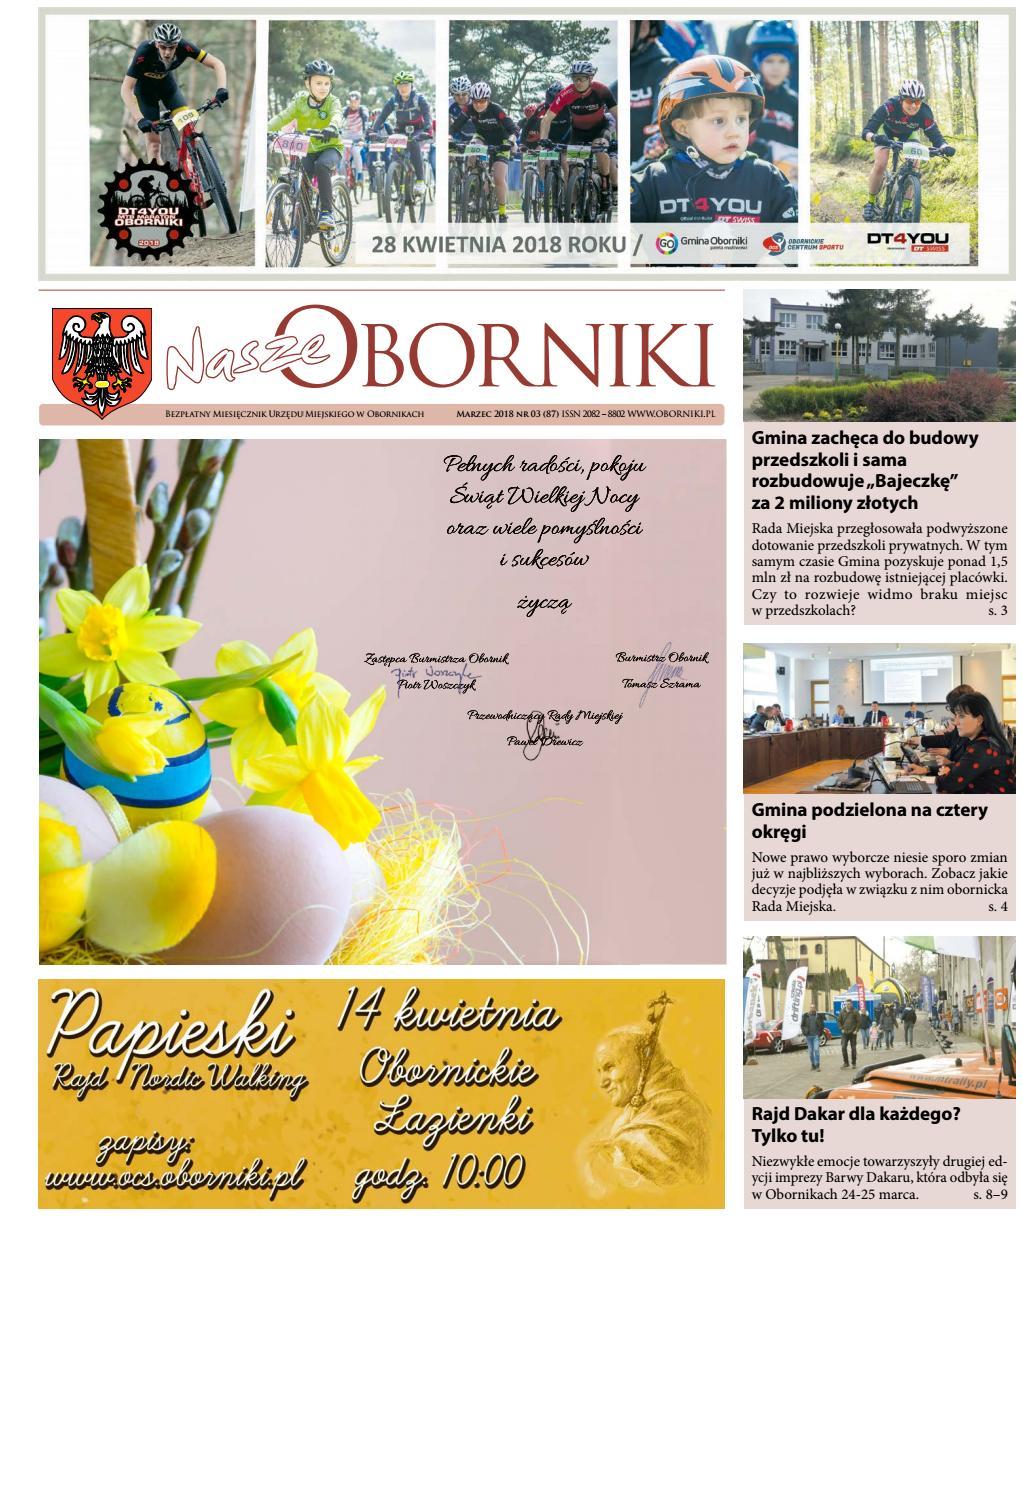 Kibice Lecha - Oborniki Nasze Miasto - whineymomma.com